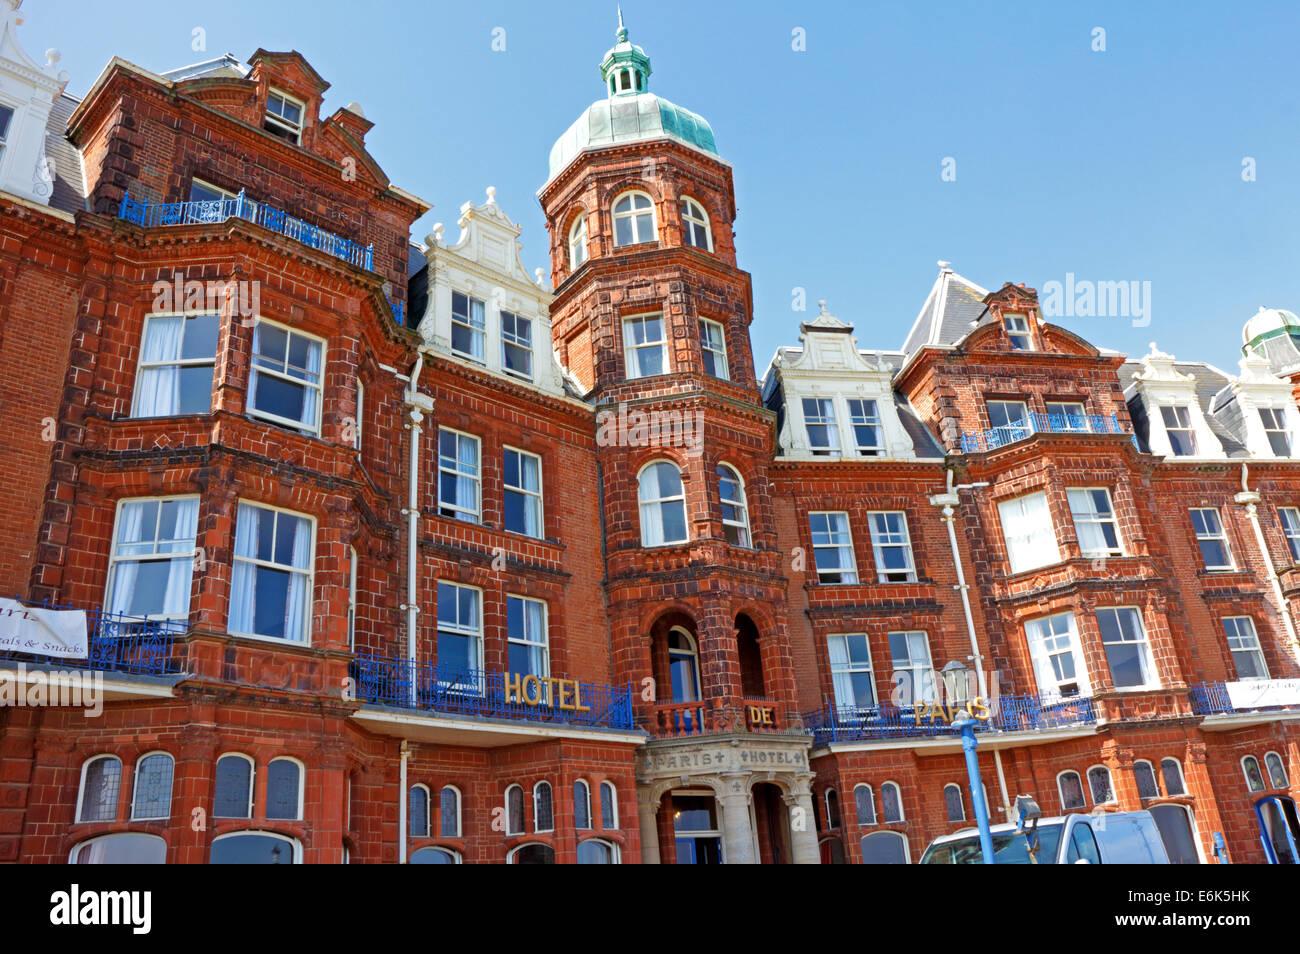 L'Hôtel de Paris sur le front de mer de la station balnéaire de Cromer, Norfolk, Angleterre, Royaume-Uni. Banque D'Images